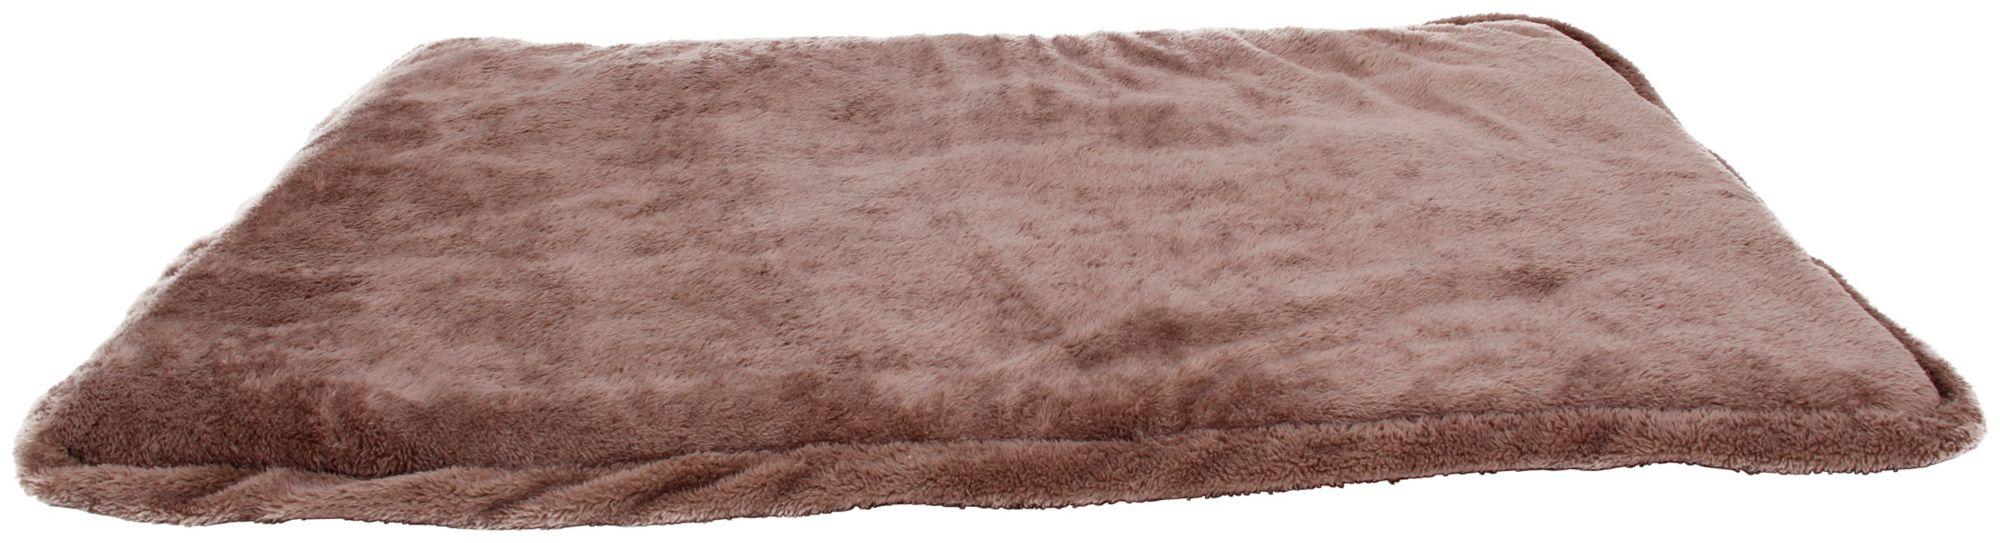 HEIM  Hunde-Decke , BxT: 100x70 cm